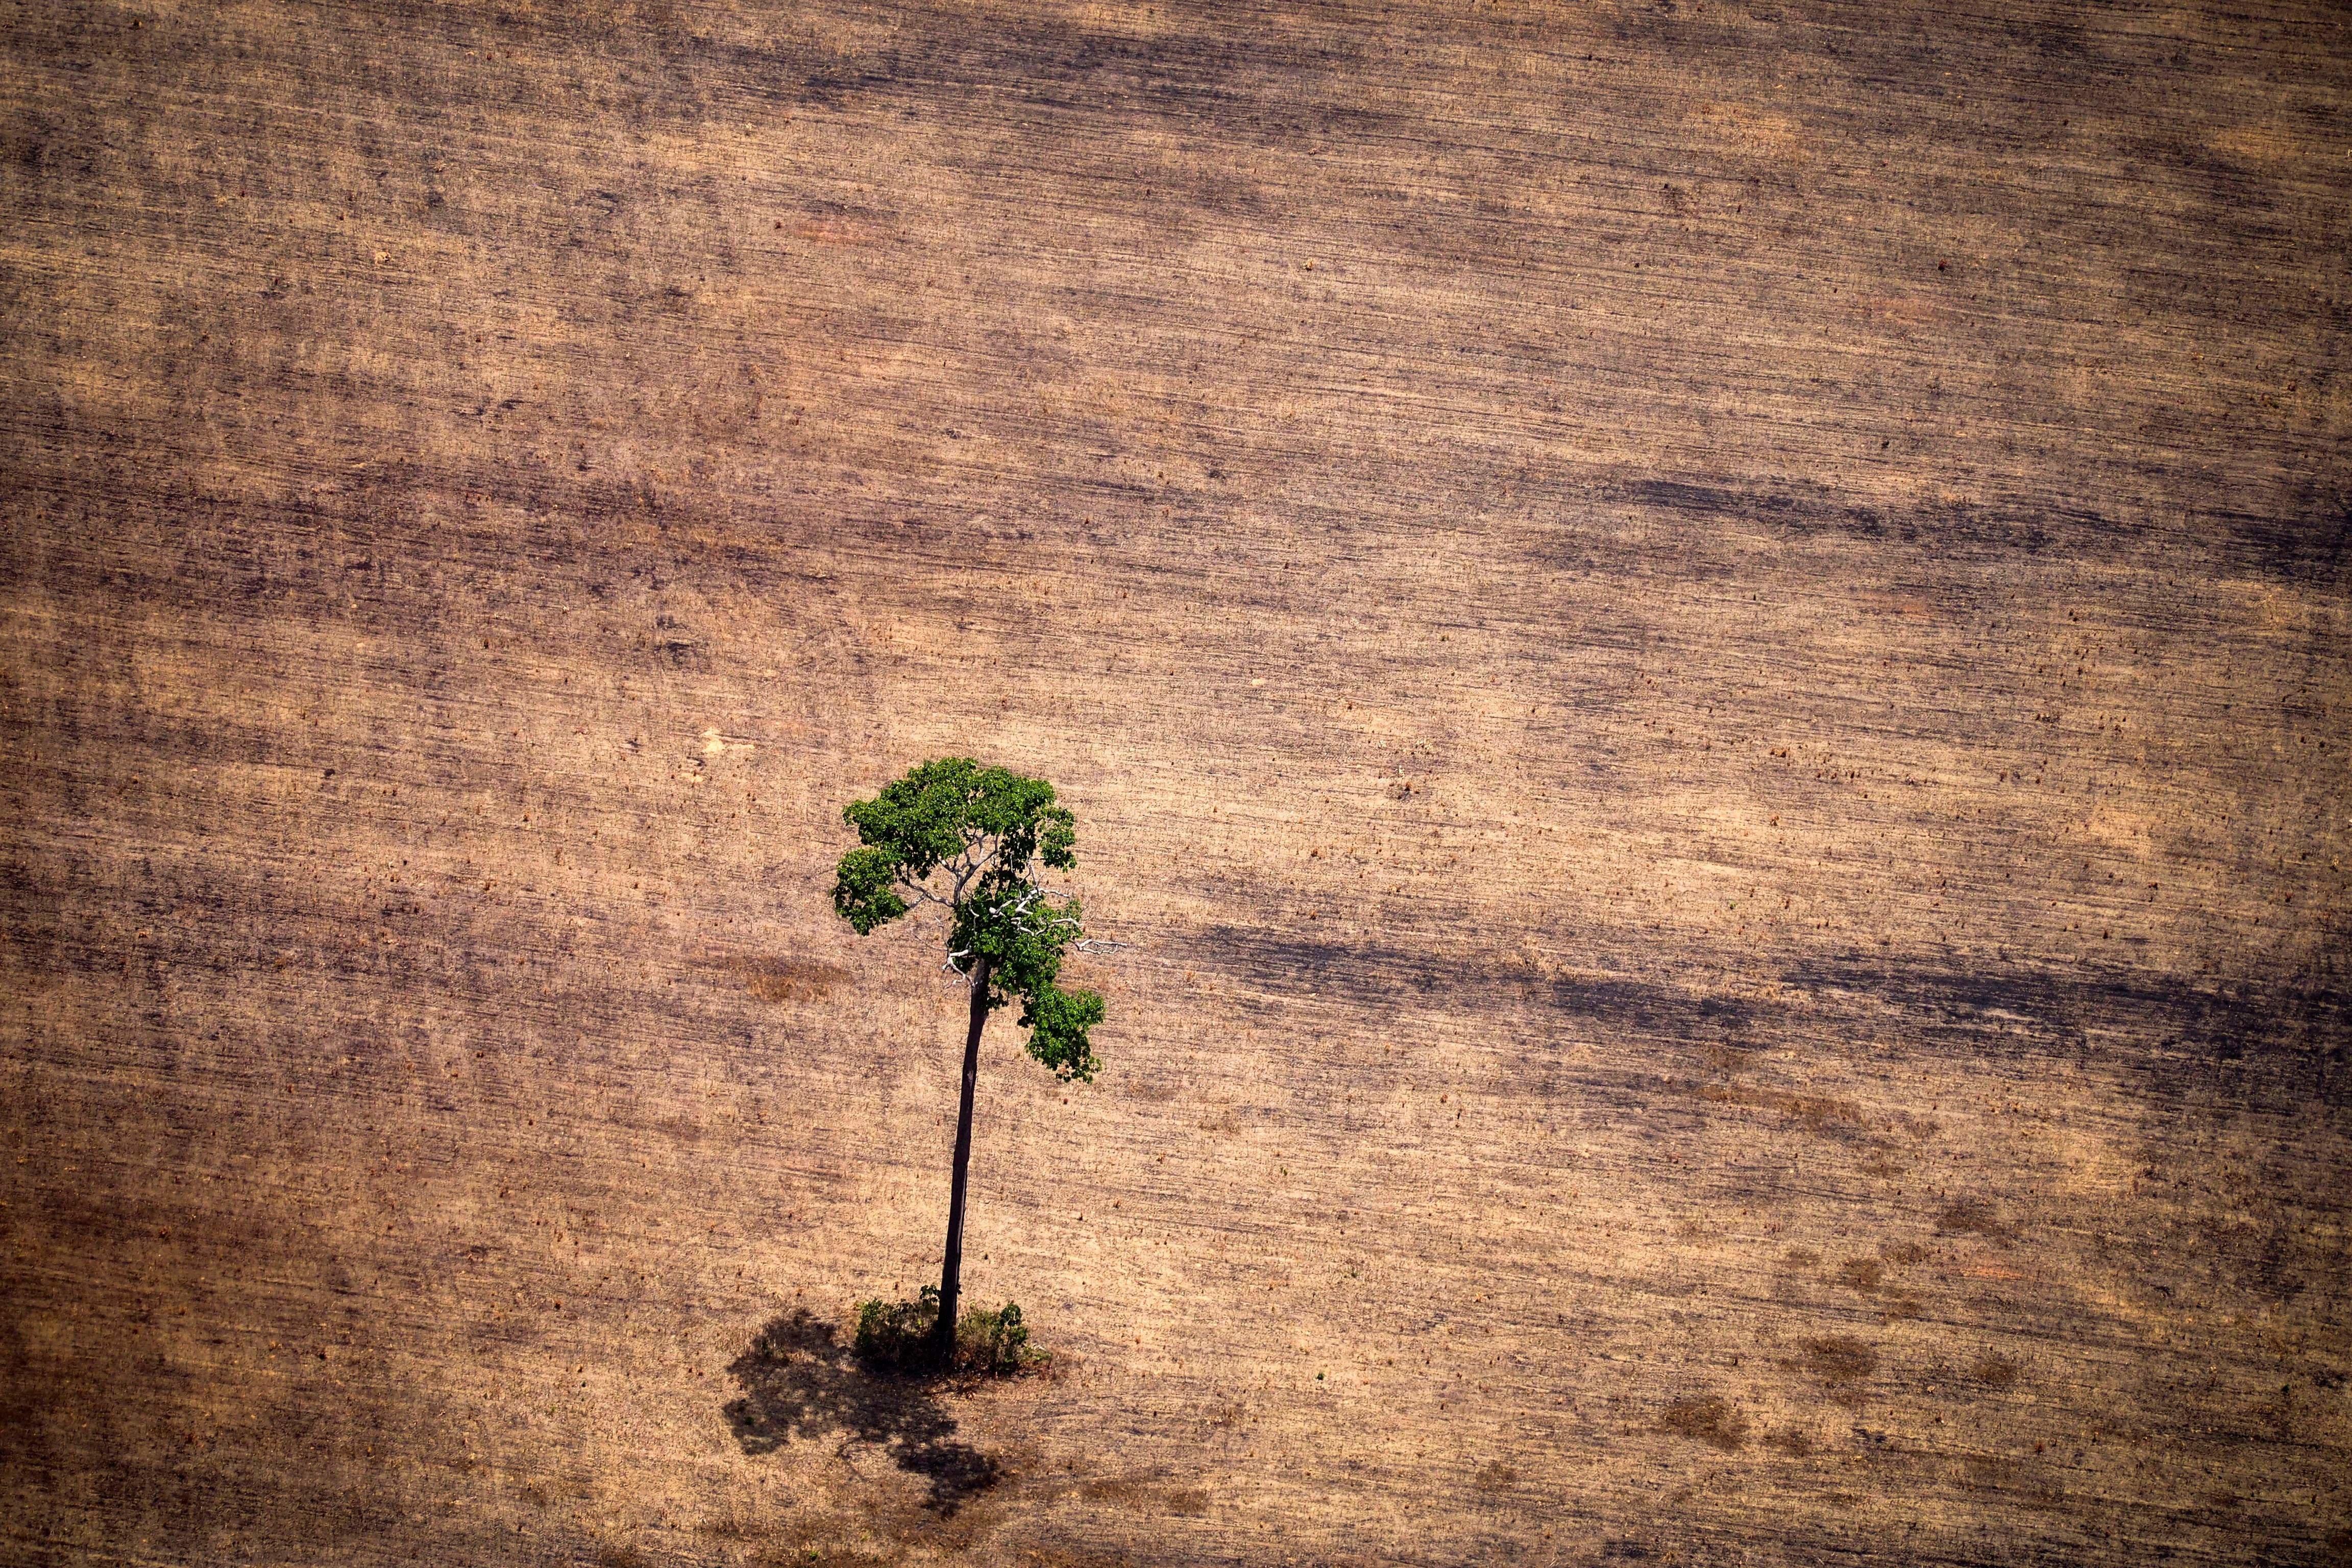 Άμεση απειλή το δάσος του Αμαζονίου οι αποφάσεις του προέδρου της Βραζιλίας και οι δεσμοί με ισχυρά